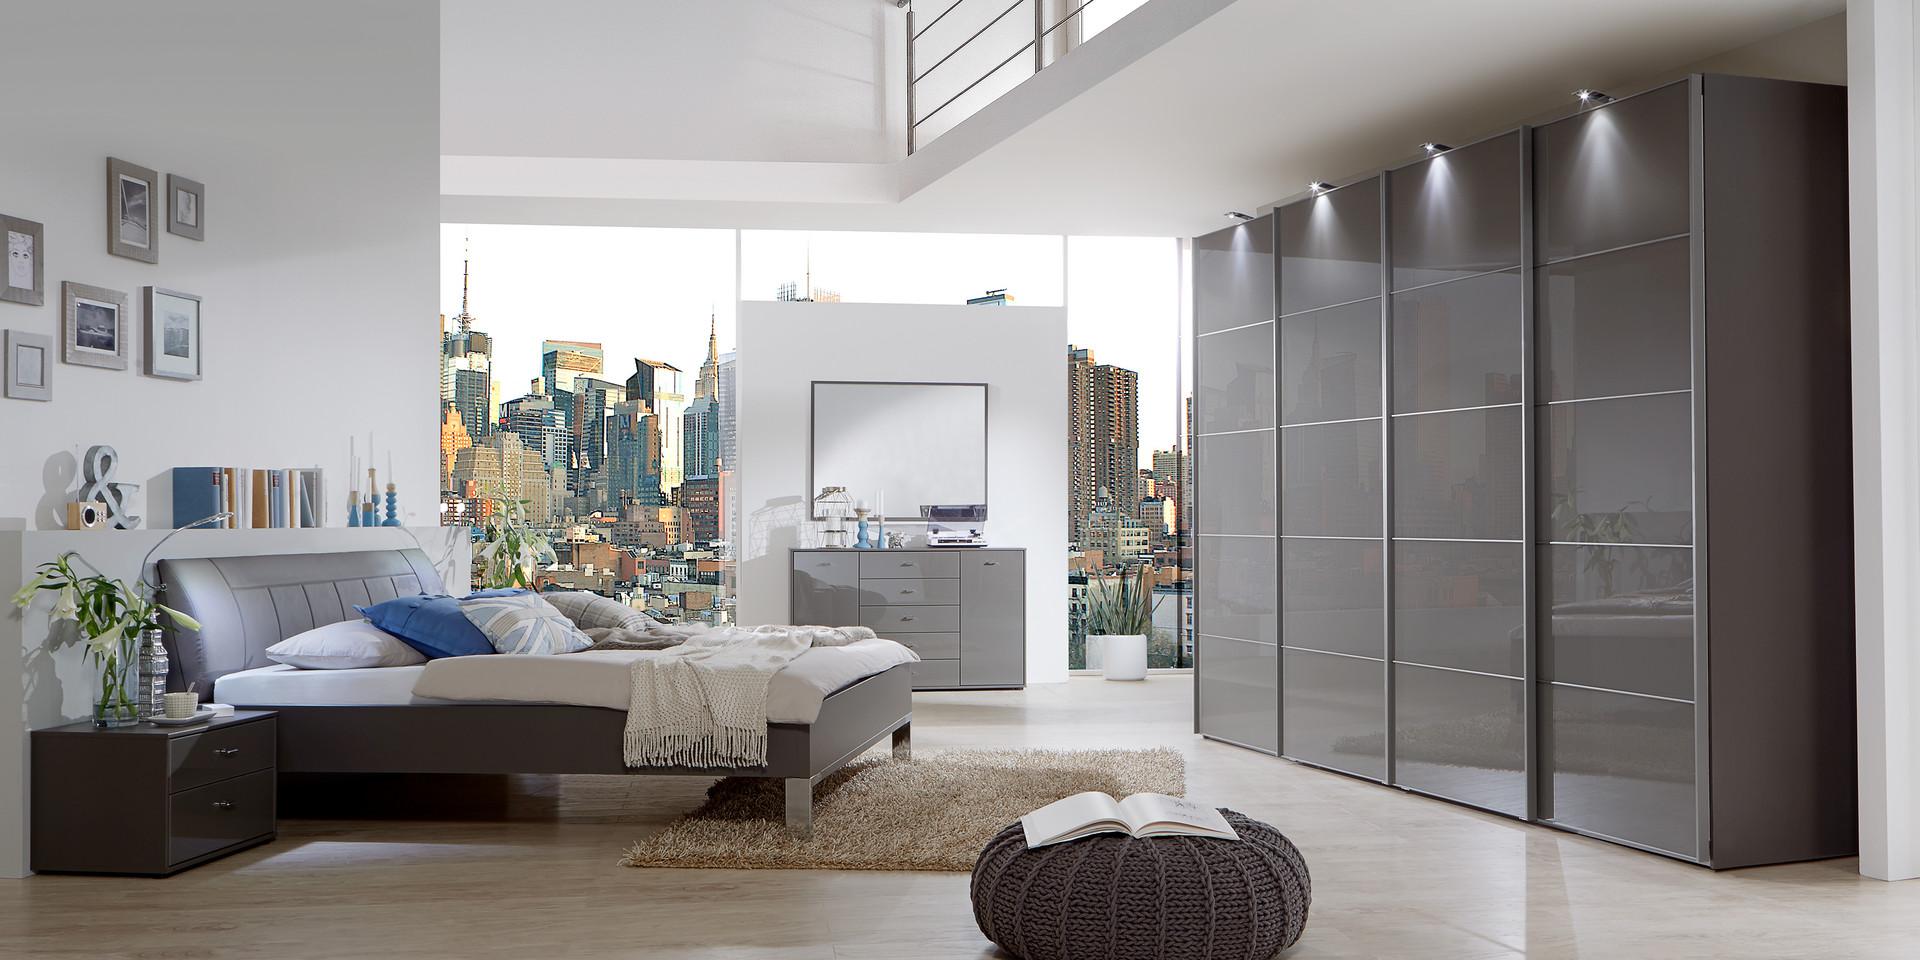 Unsere kompakte Kommode Tokio | Möbelhersteller Wiemann ...